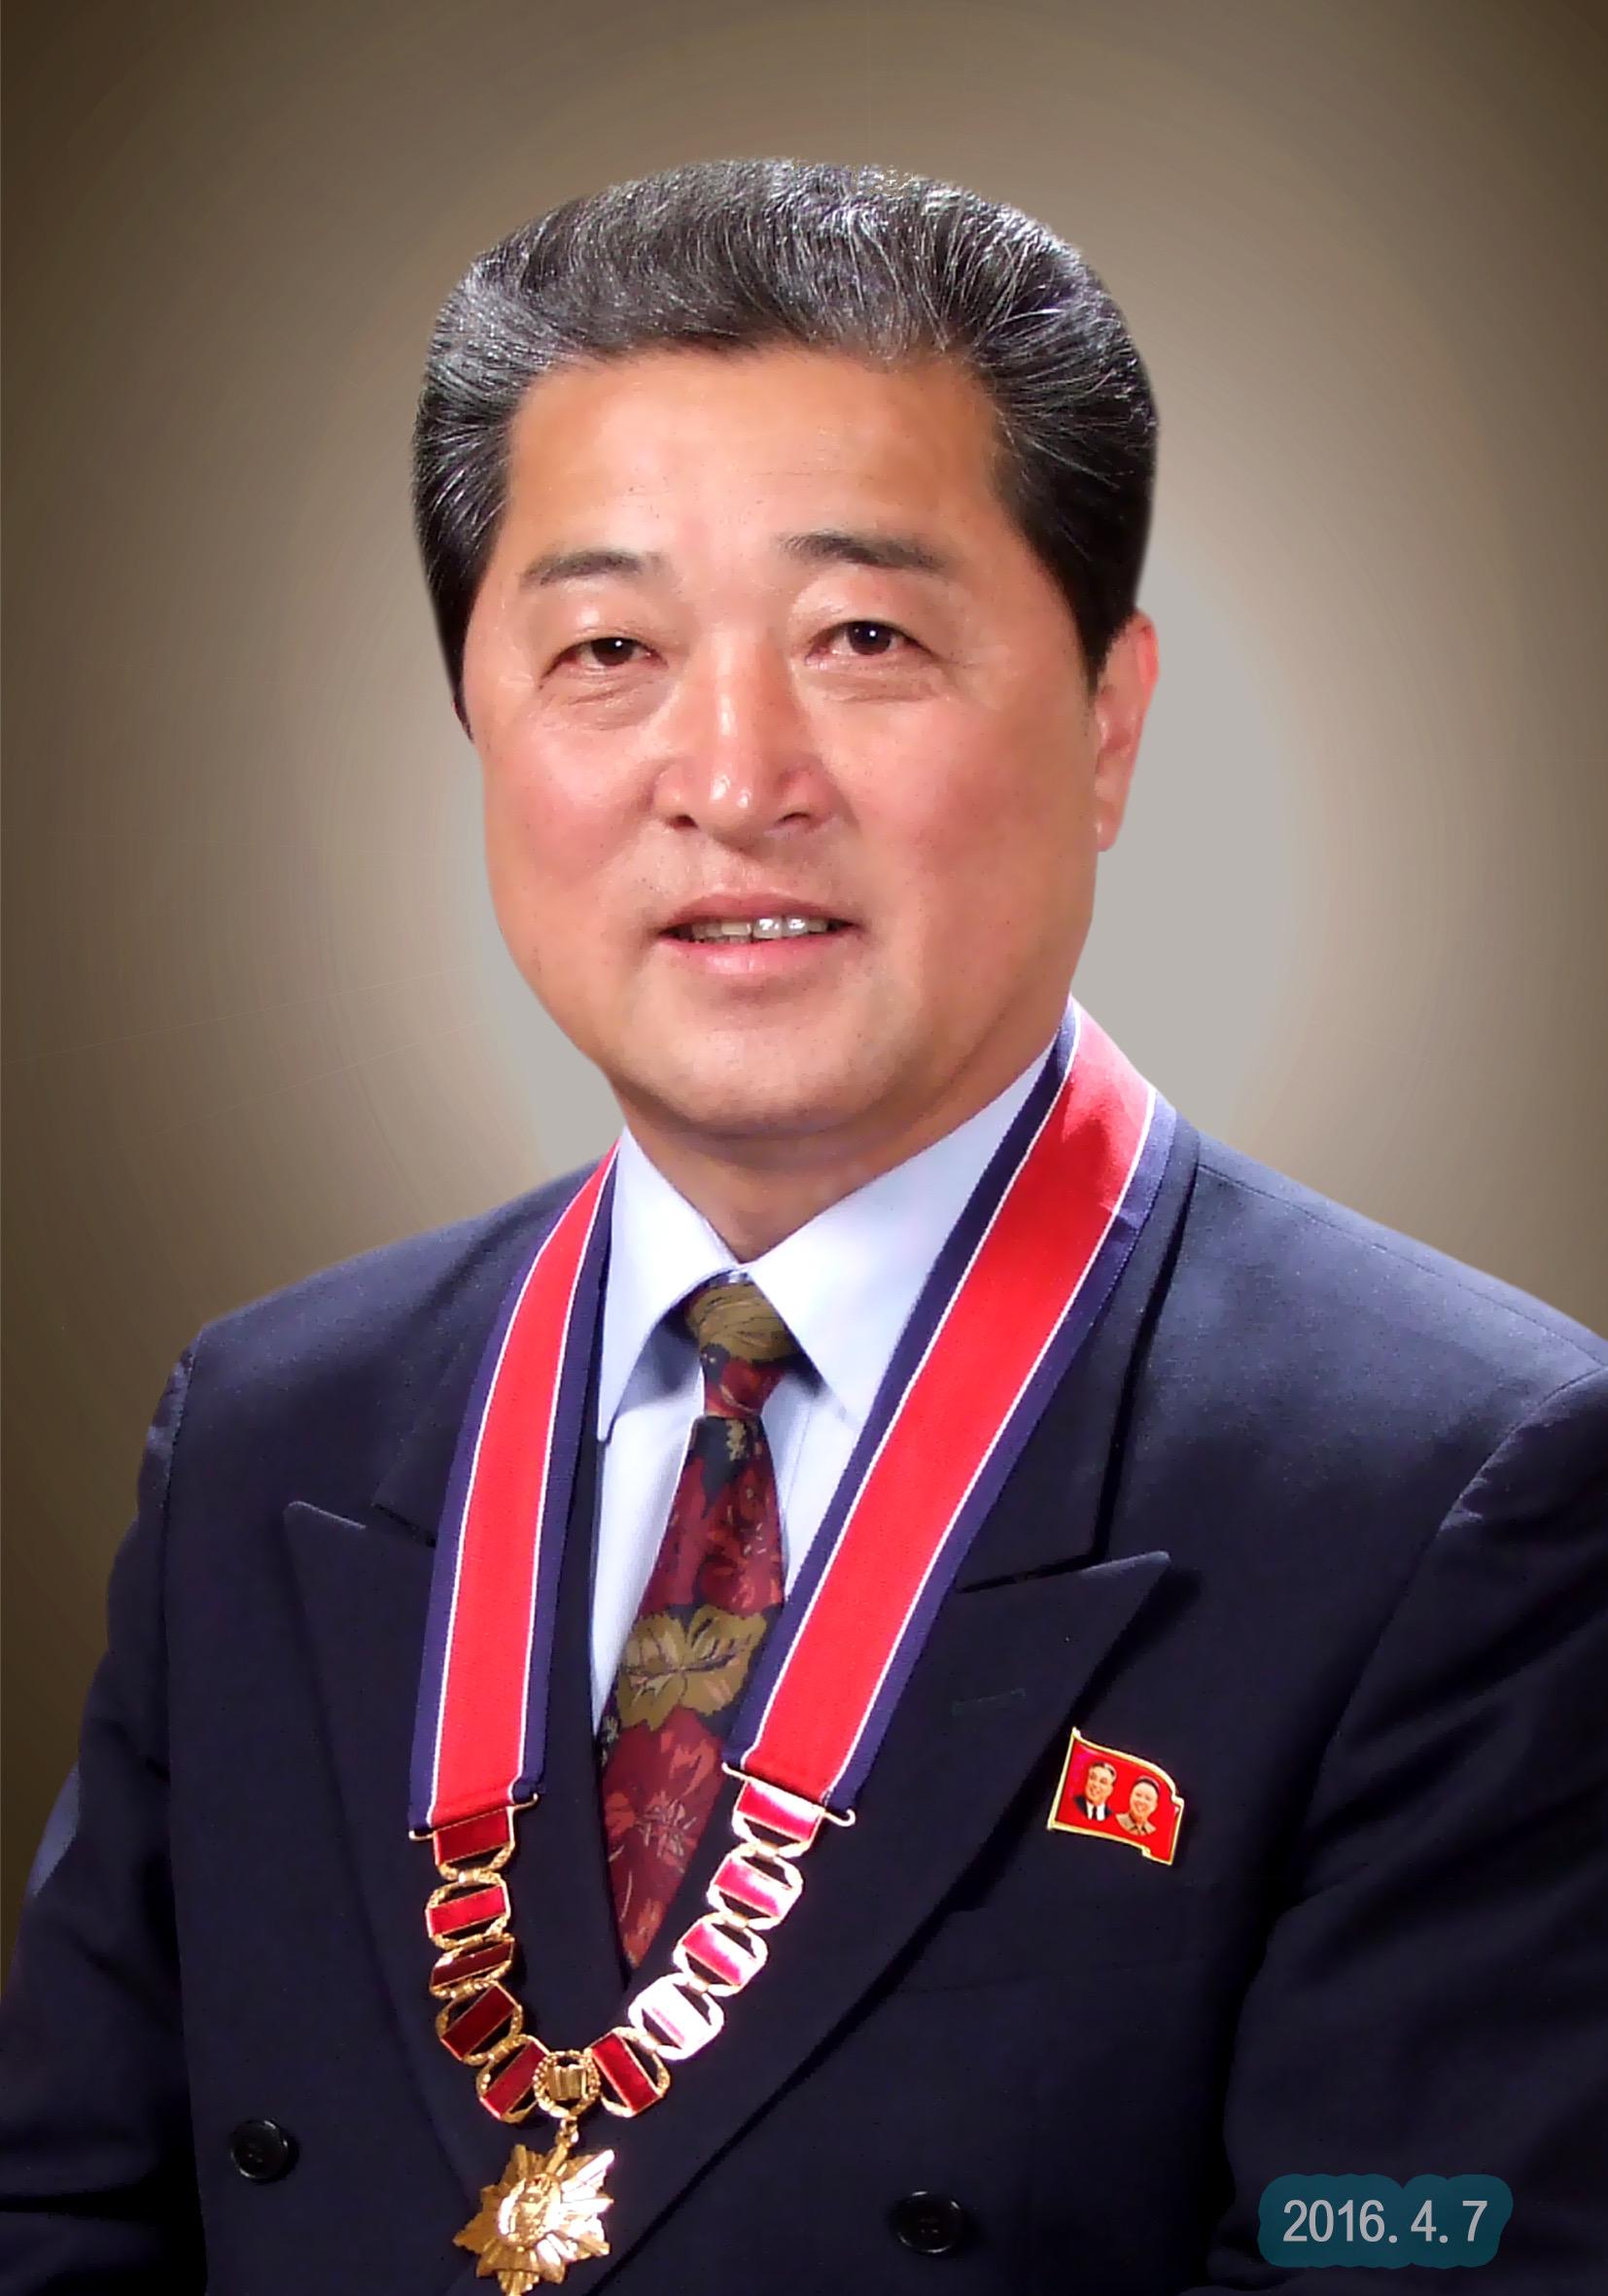 Dr. Jong Sang Hun, PhD, PHF, Honorary Member of the Rotary Club of Charlottetown Royalty.